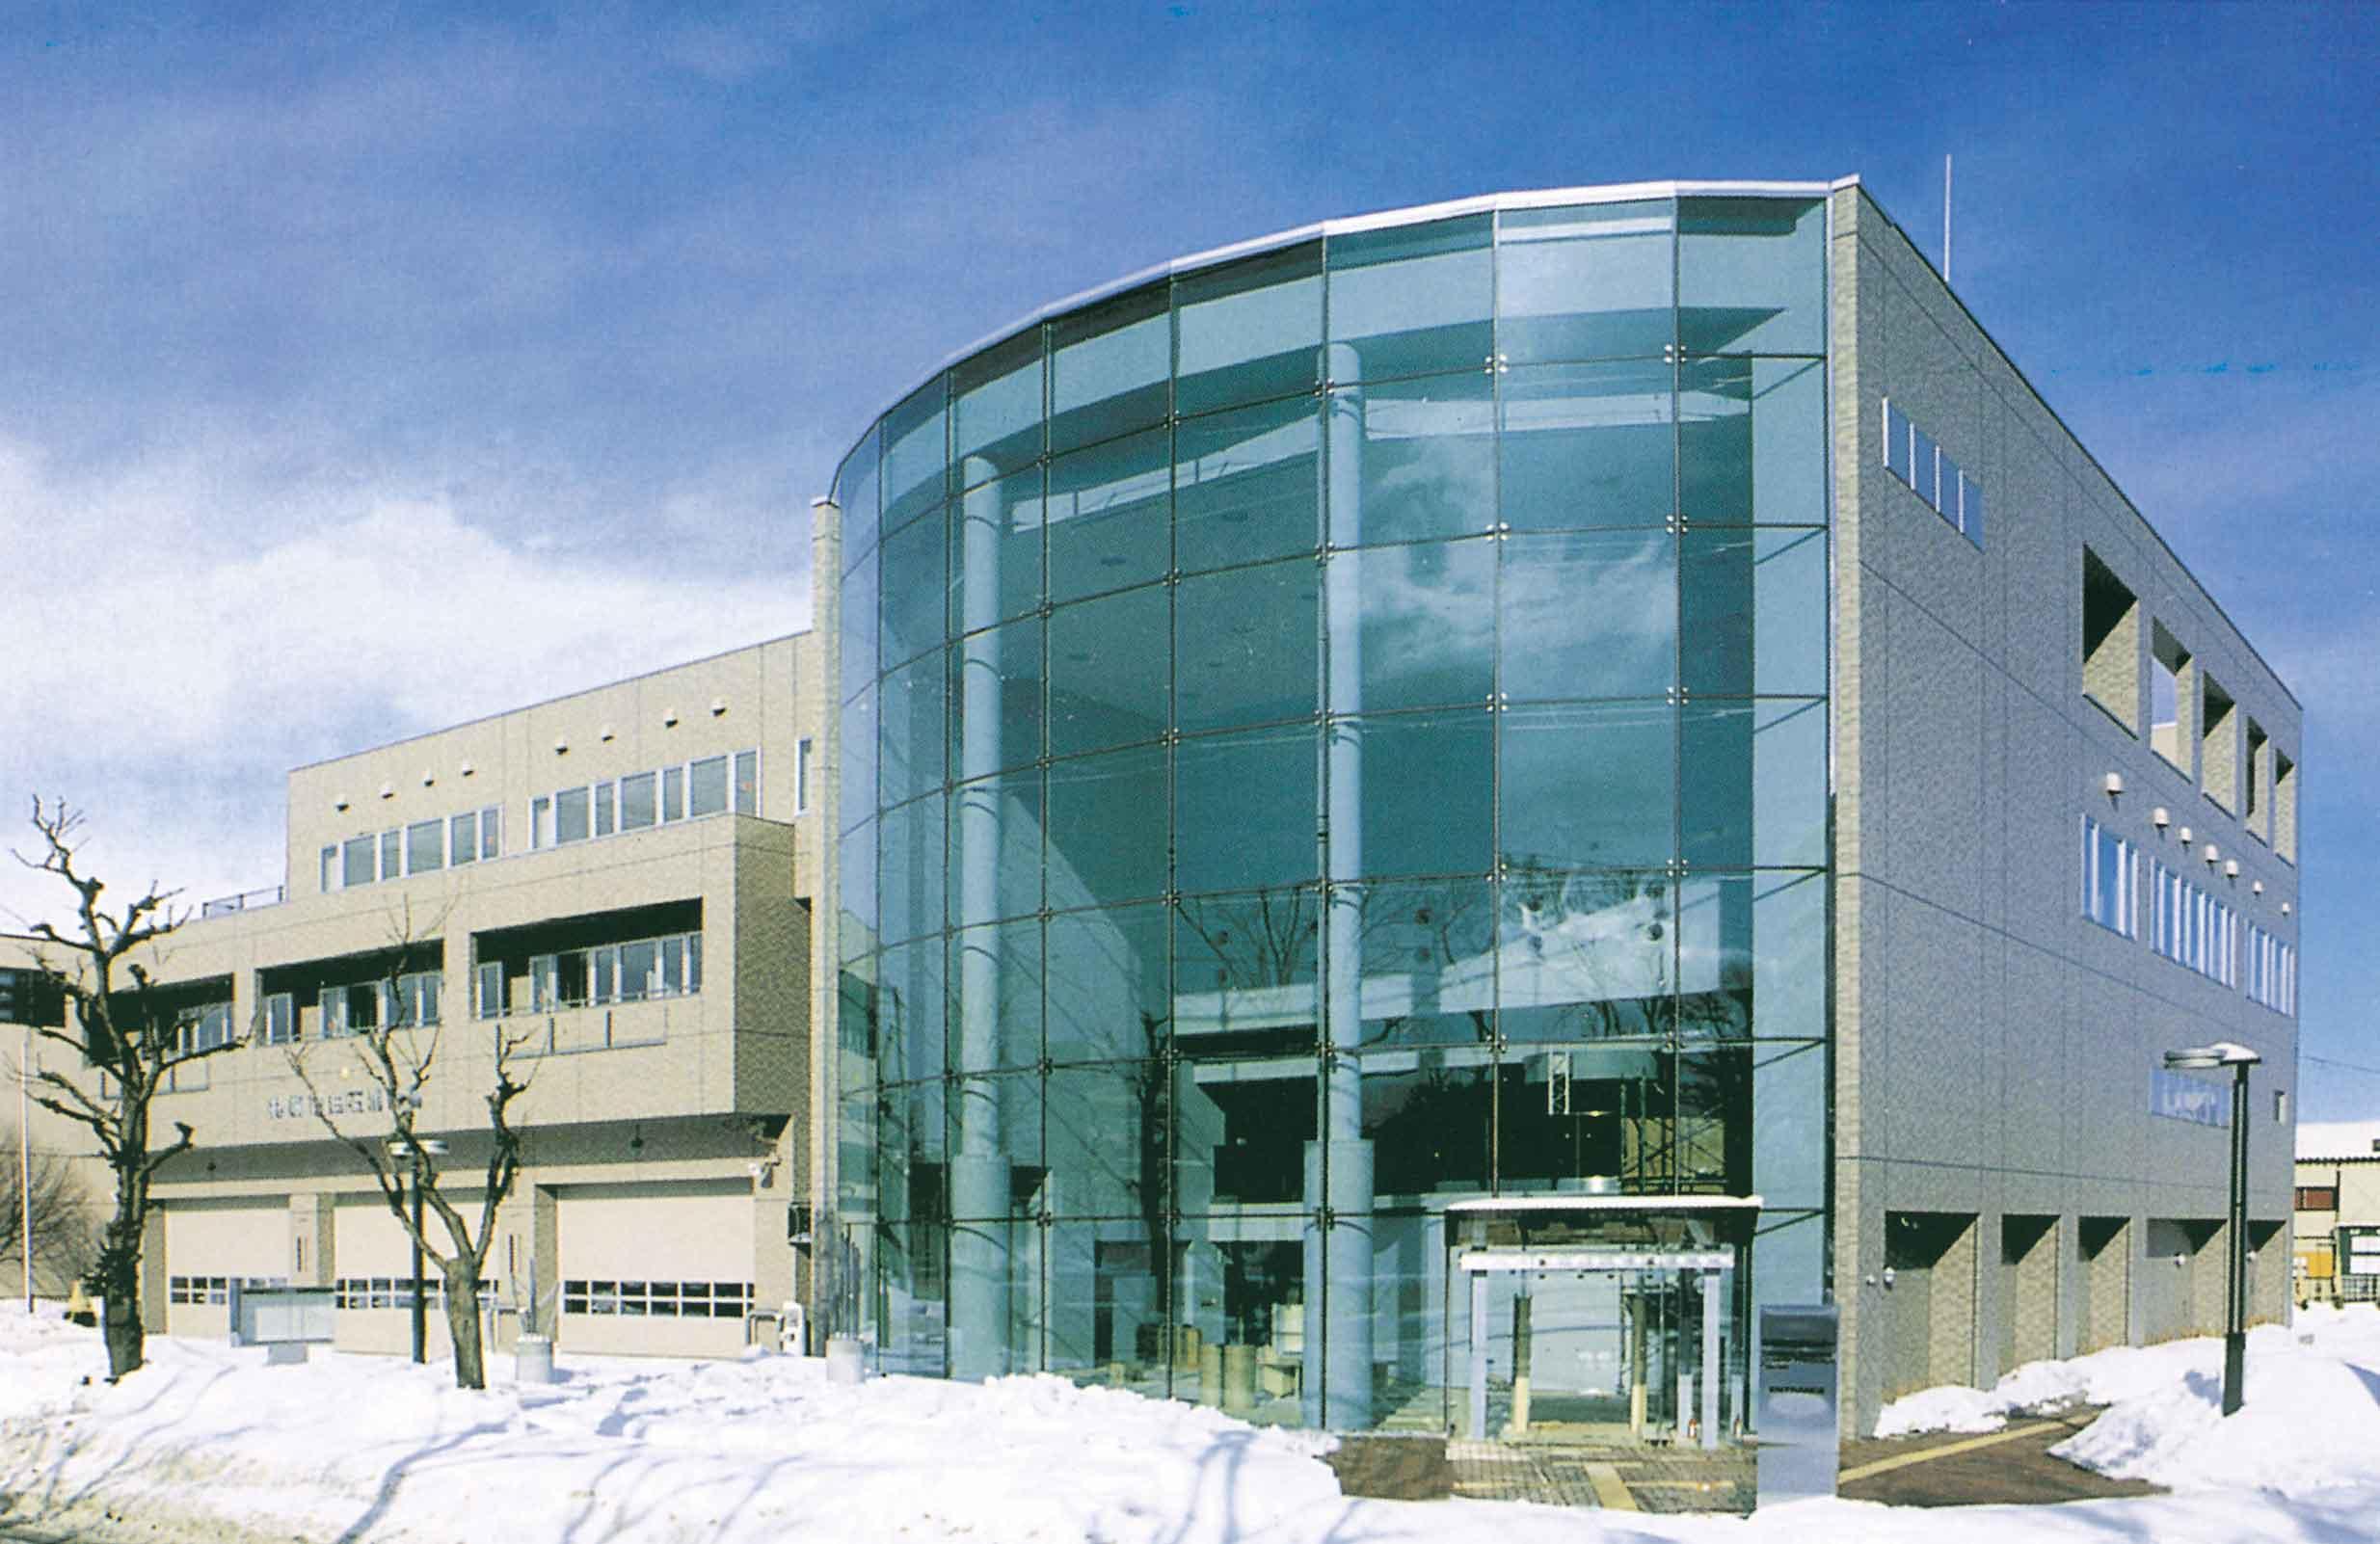 札幌市民防災センター、白石消防署複合庁舎